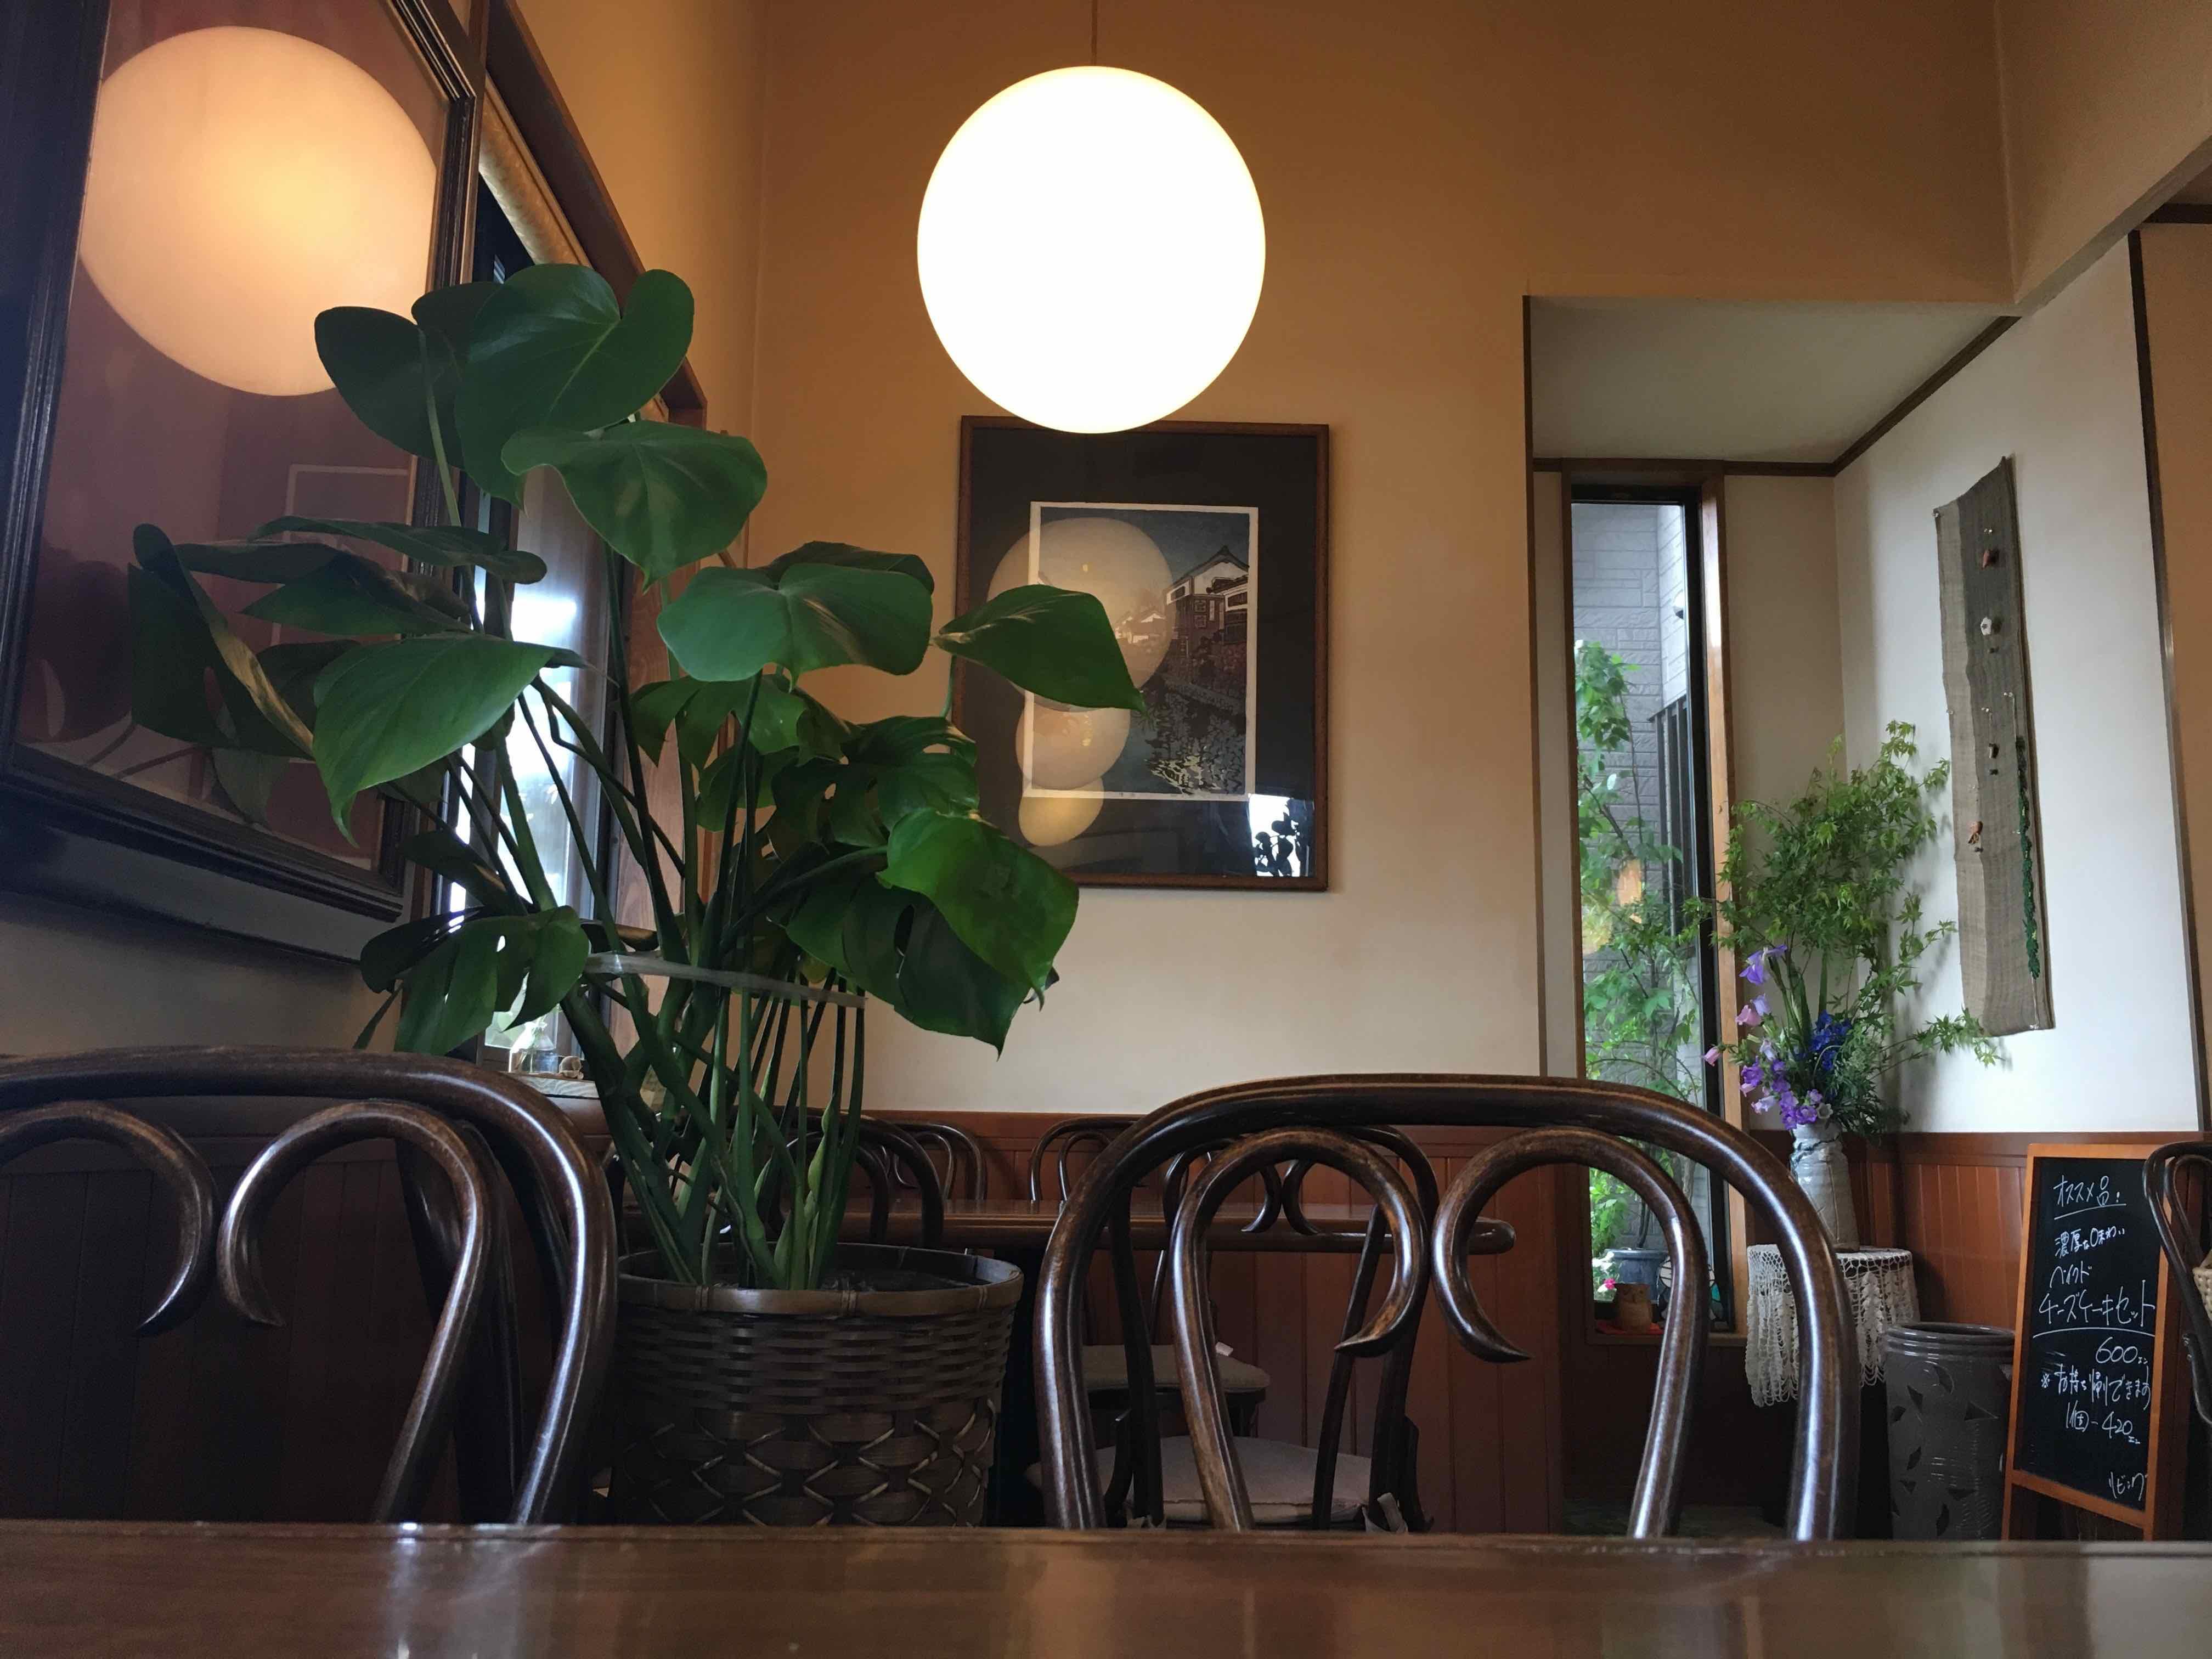 みとん今治,リビング,喫茶店,カフェ,コーヒー,町谷,純喫茶